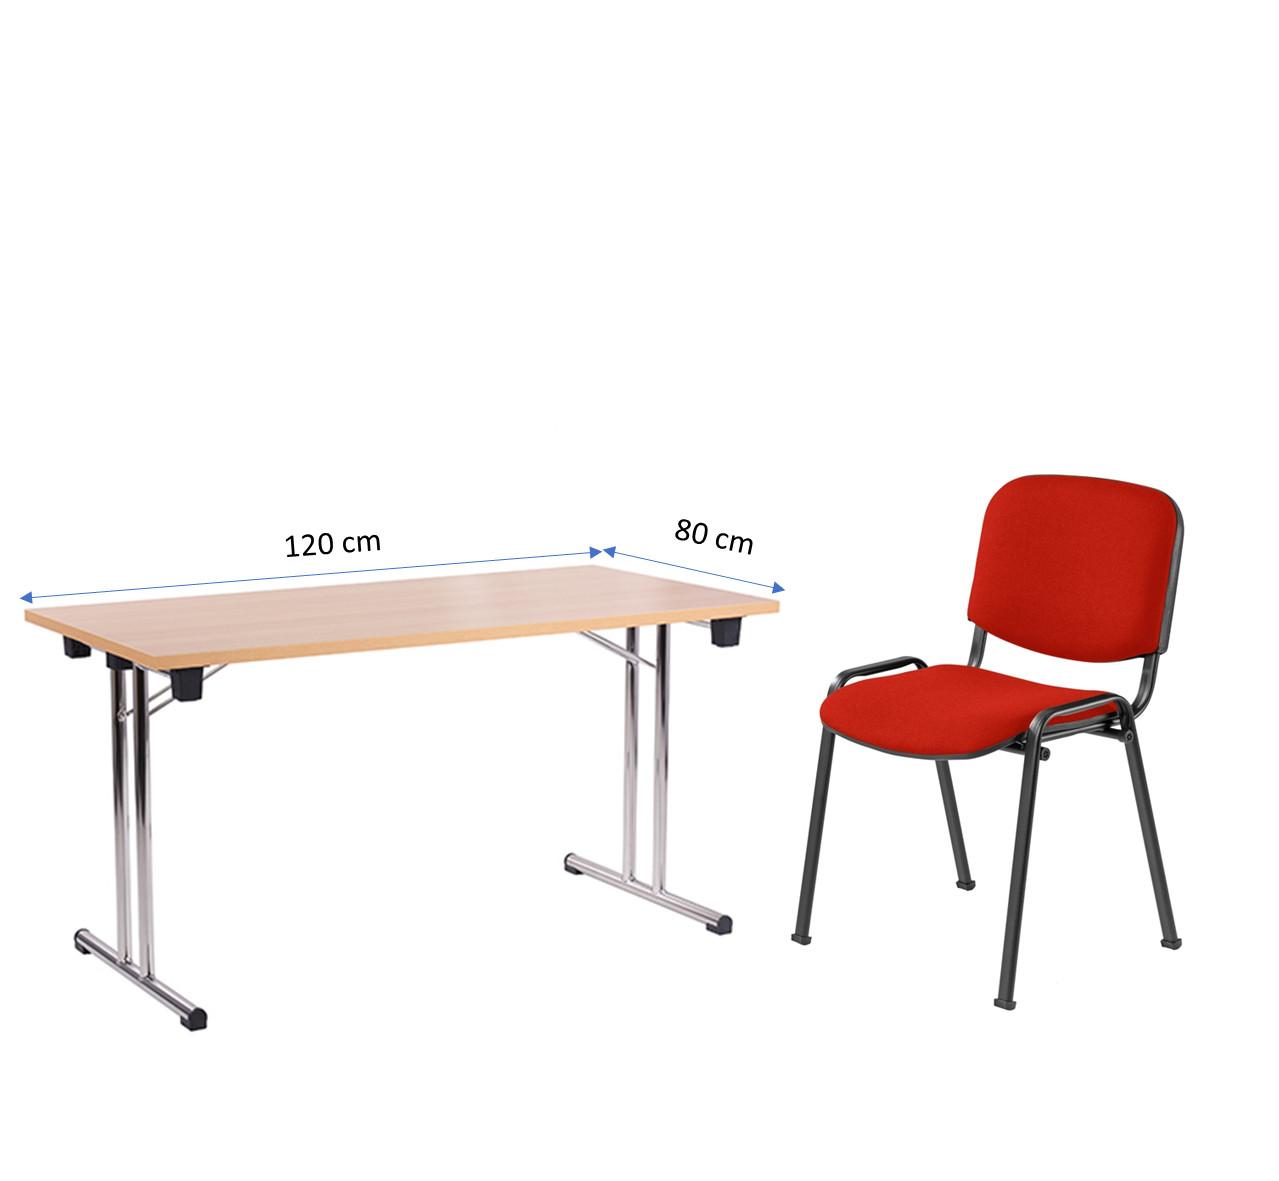 Klapptisch FT 128-25 (120 x 80 cm) mit Stapelstuhl ISO, Gestell schwarz, Bezugsstoff rot